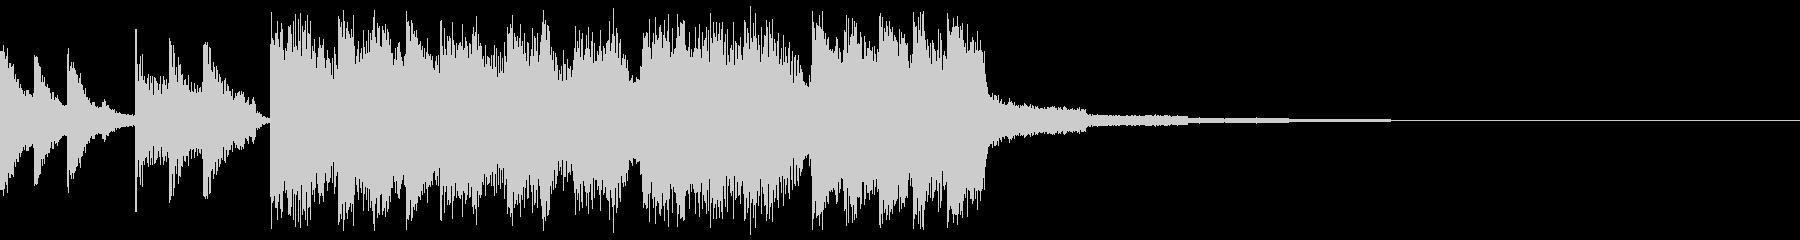 ストレートスルーの未再生の波形